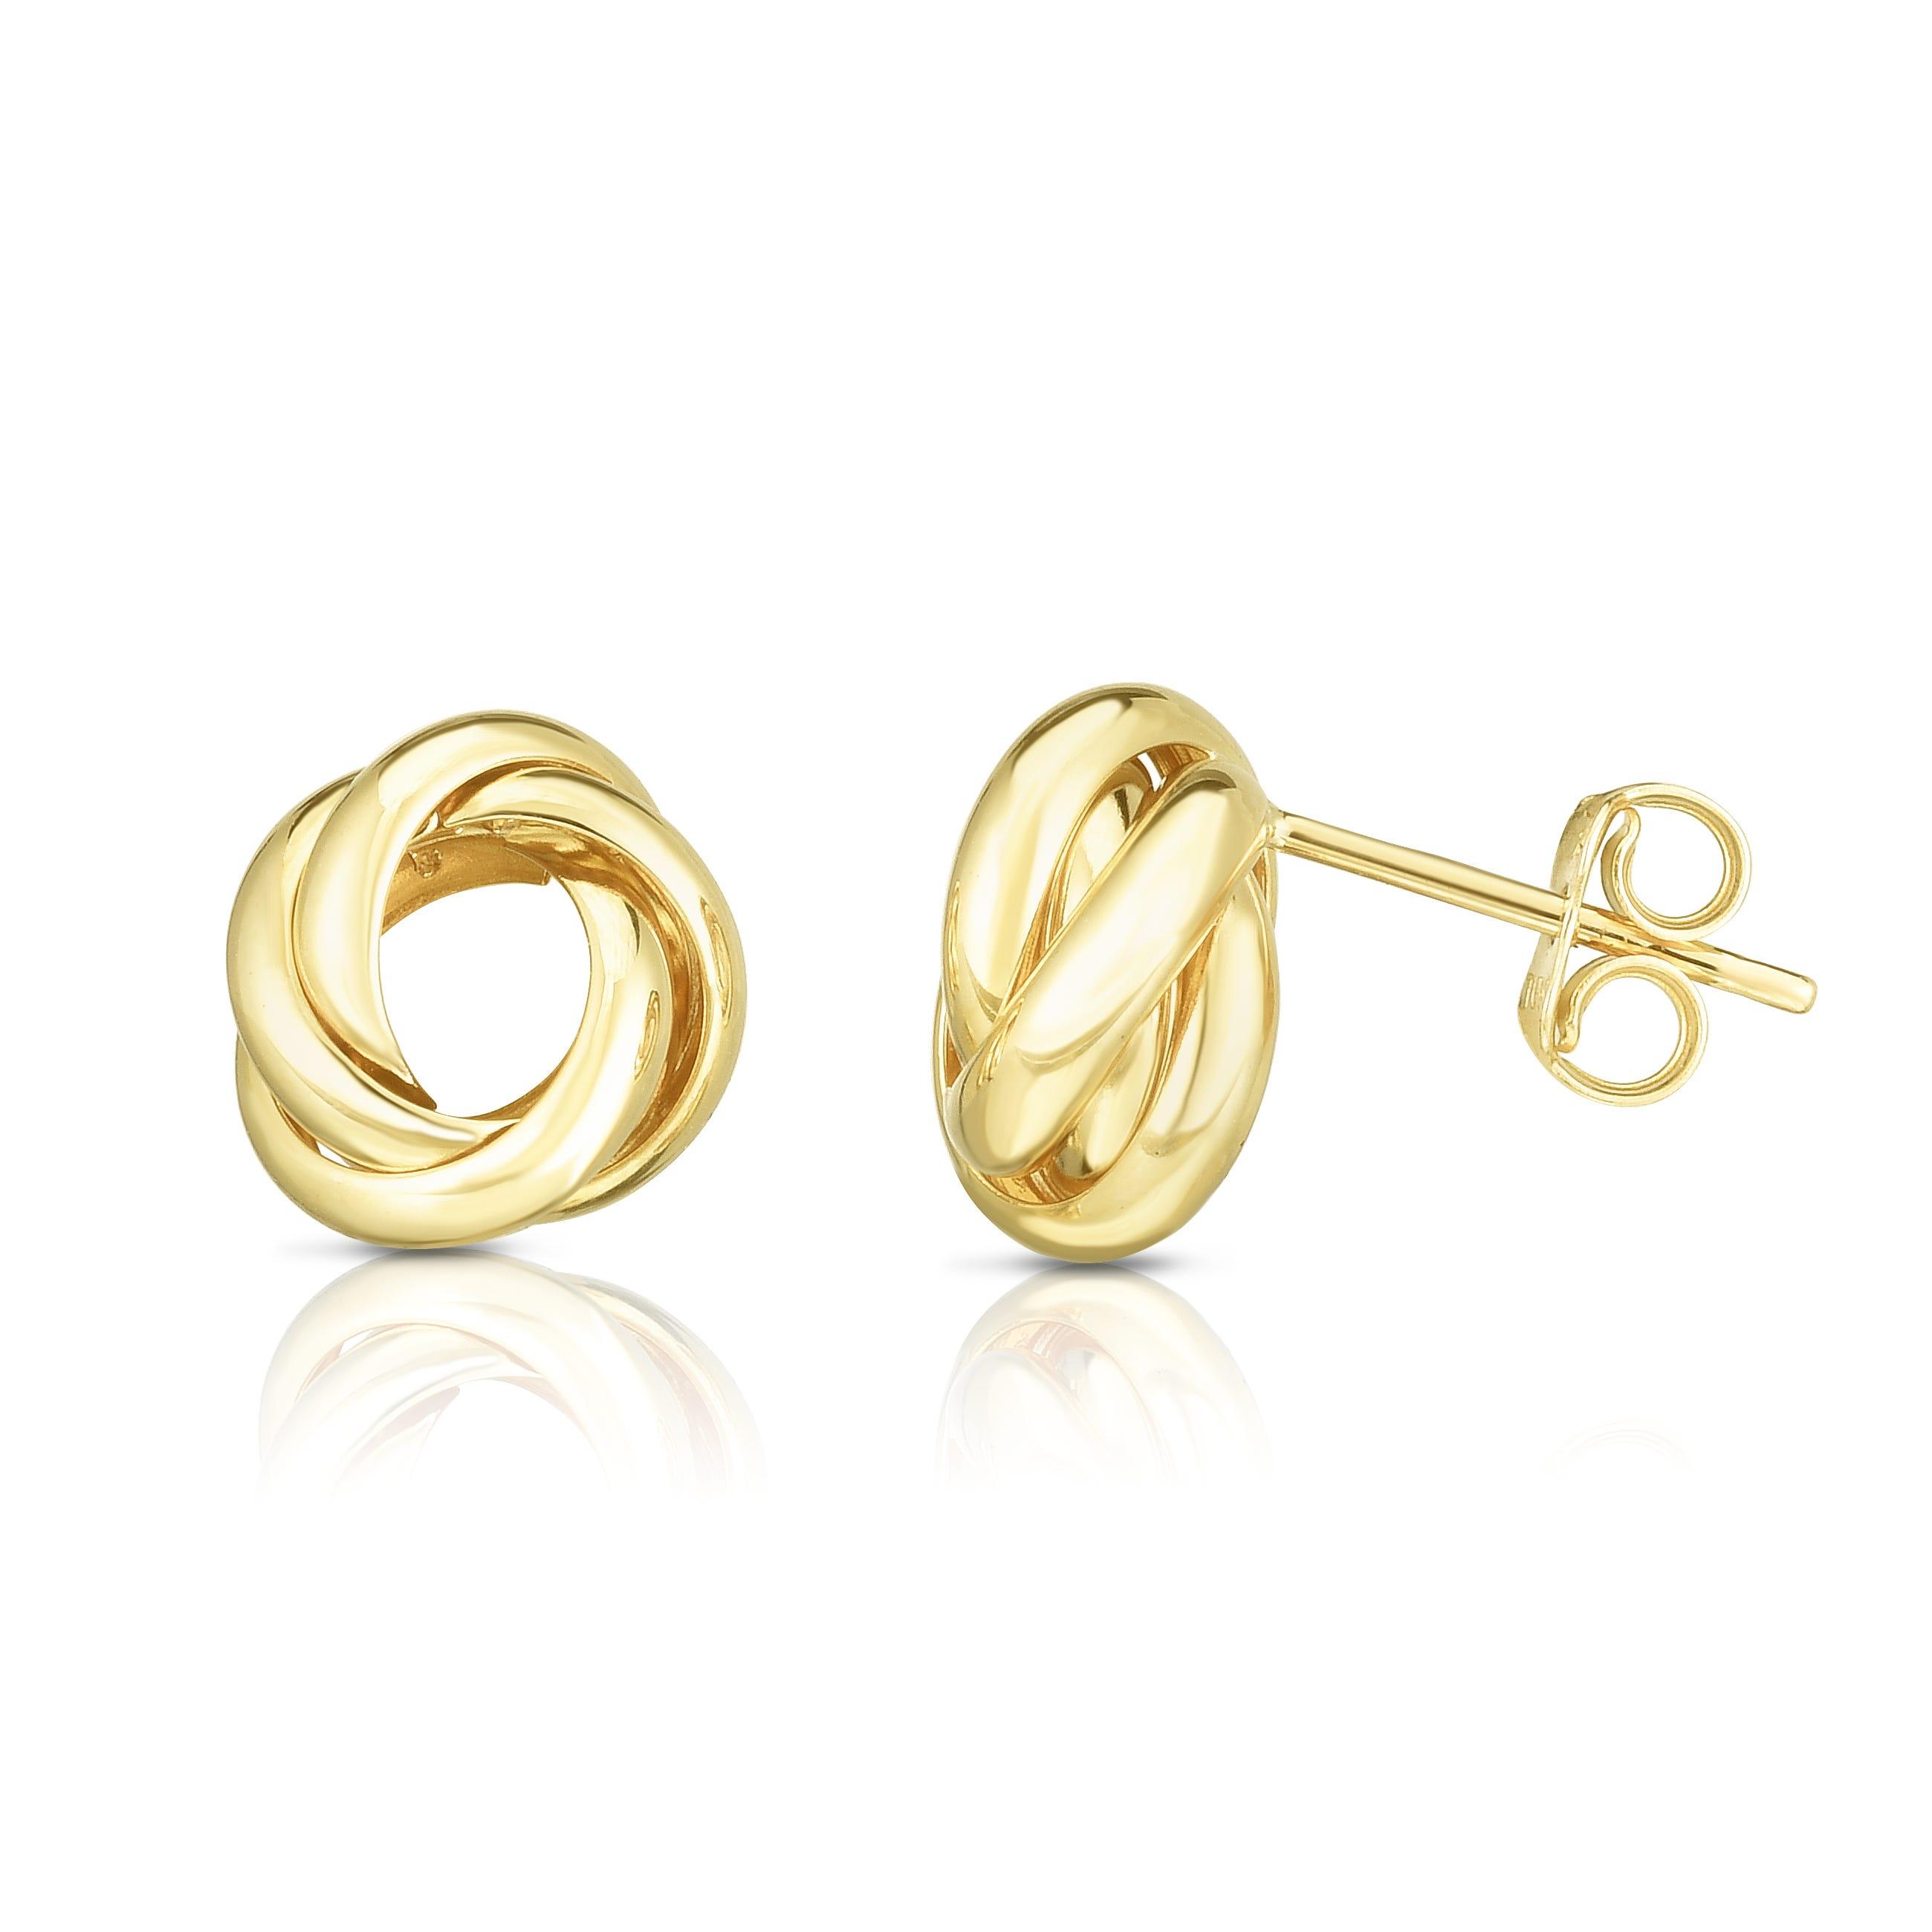 Knot Earrings in 14k Yellow Gold